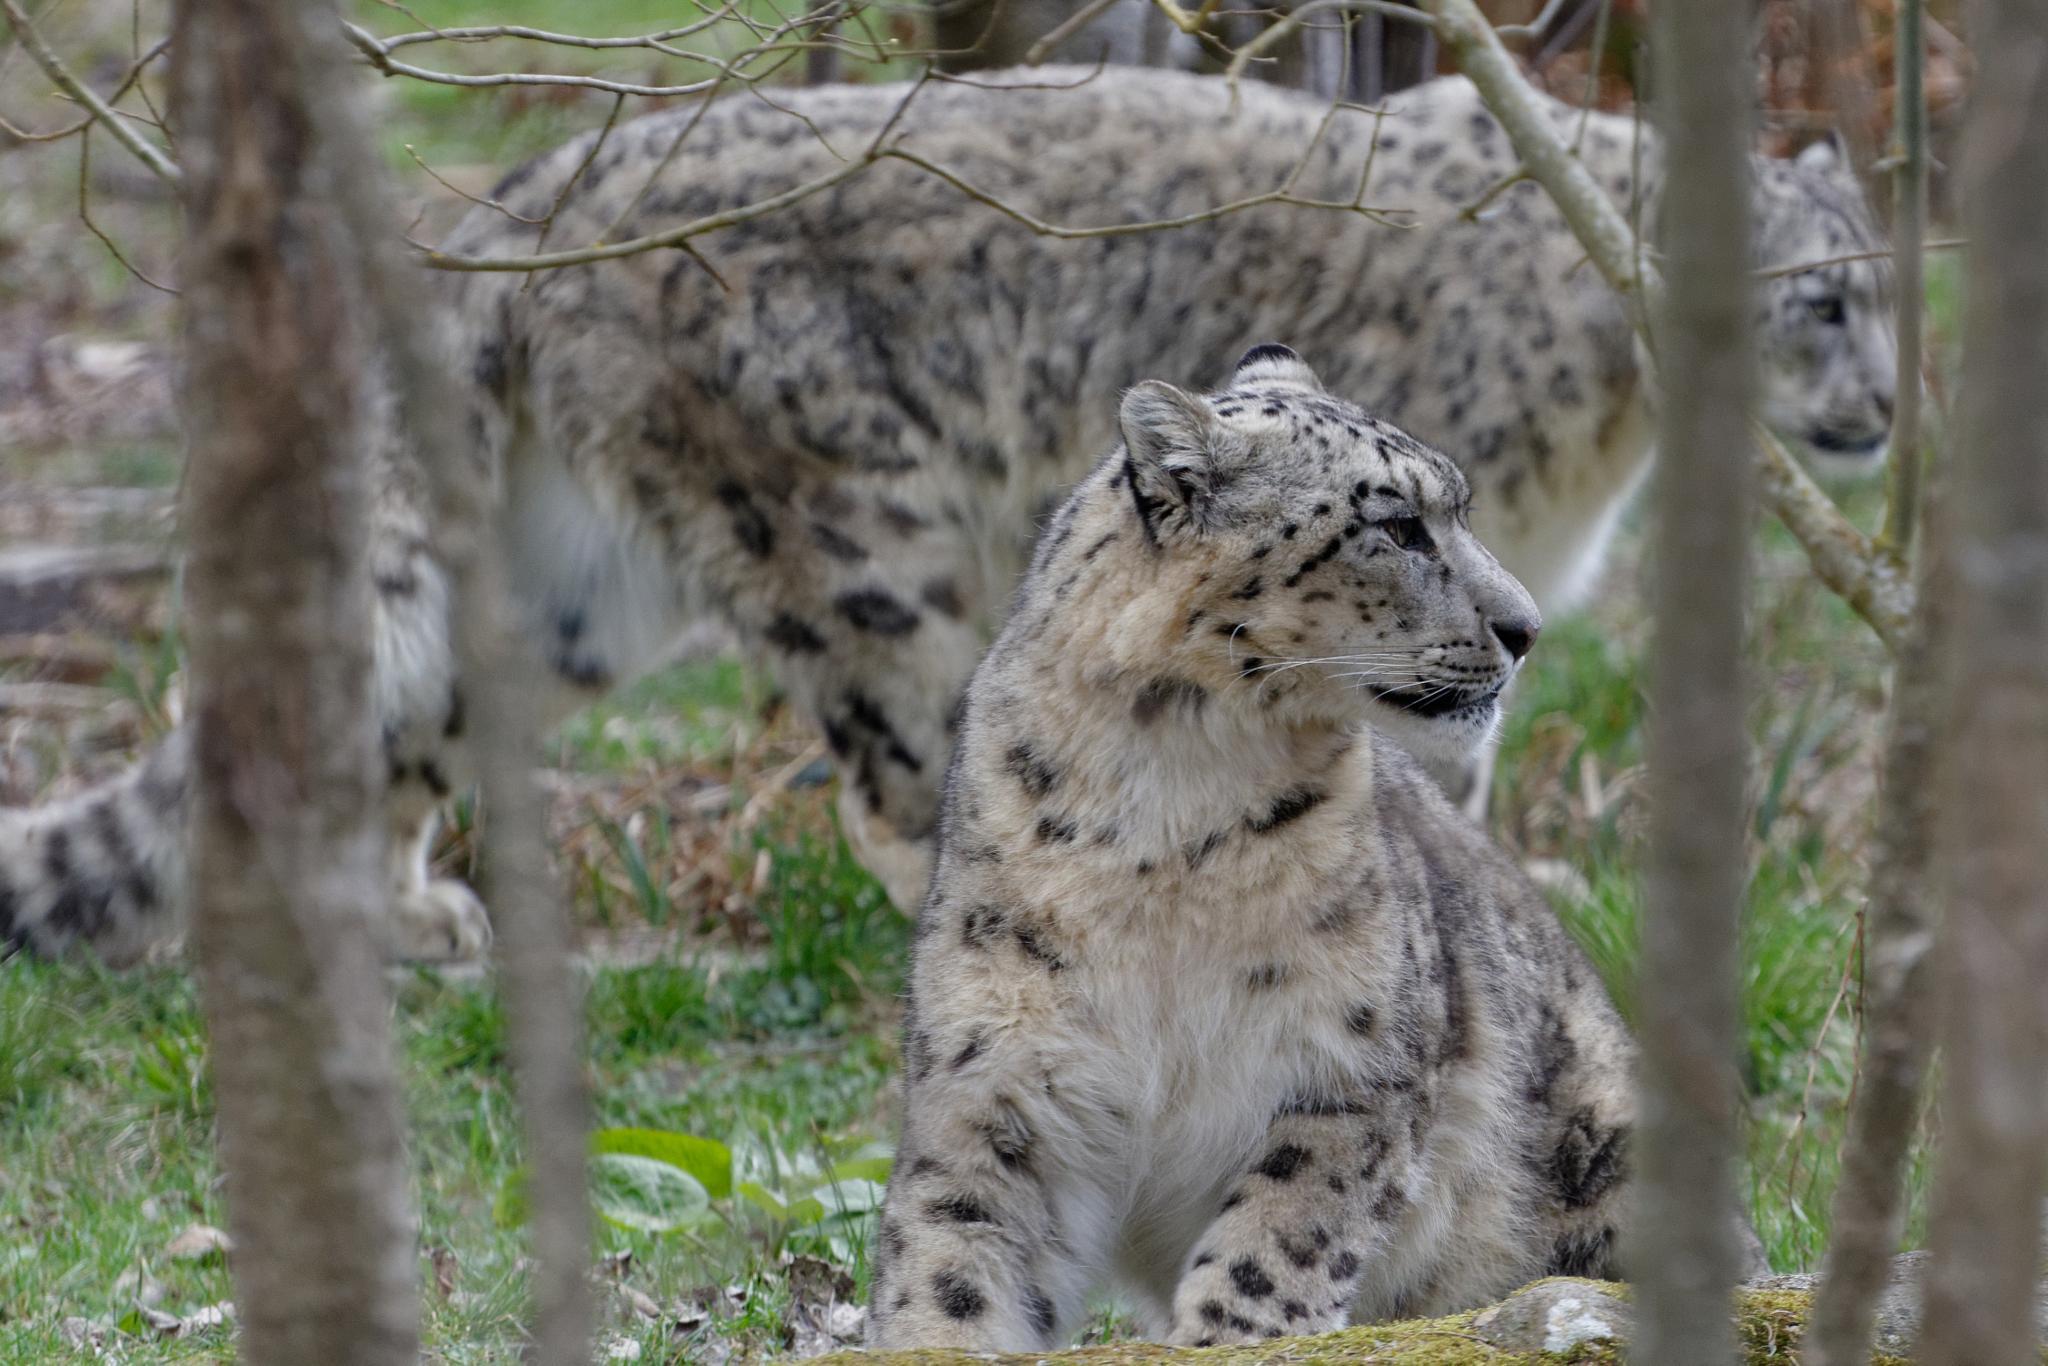 Snow leopard 1 by jpmelard